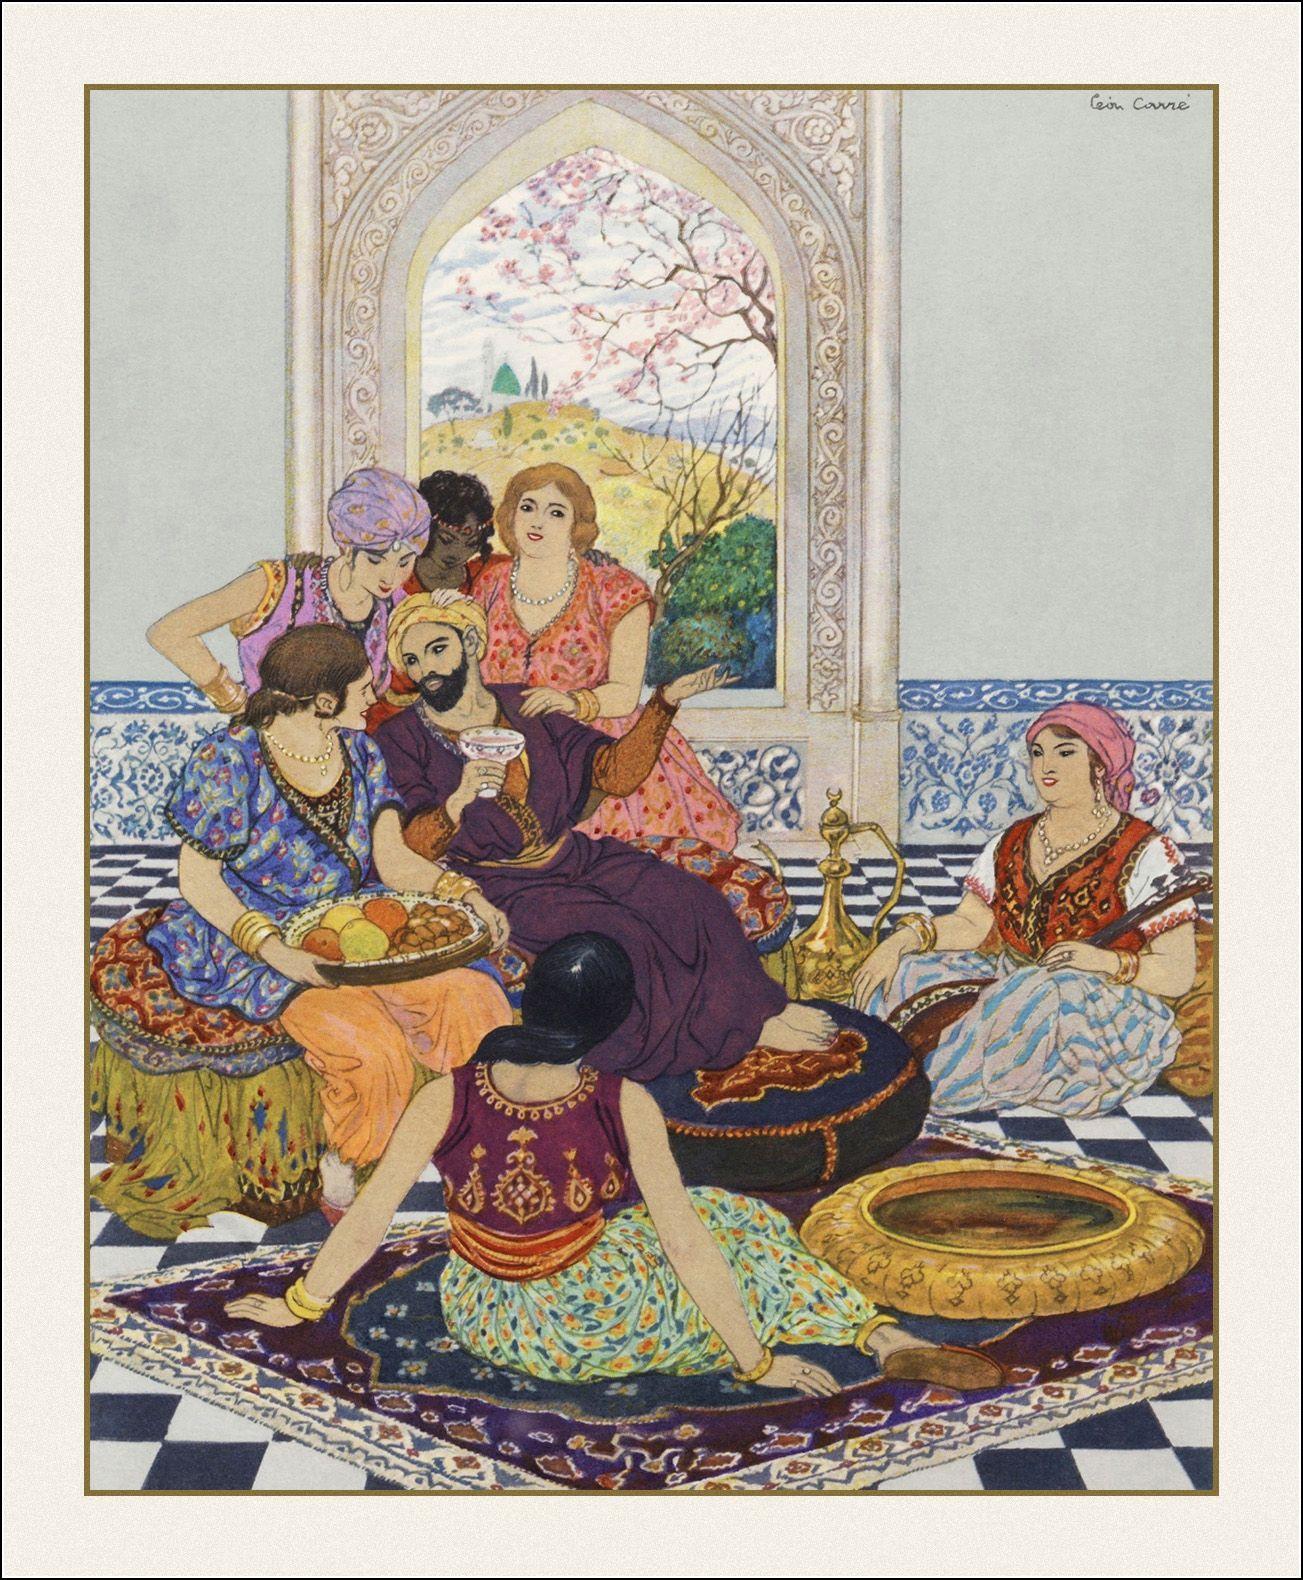 Le Livre Des Mille Et Une Nuits Illustrations De Leon Carre L Edition D Art H Piazza Paris 1932 Fairytale Illustration Cartoon Illustration Arabian Nights